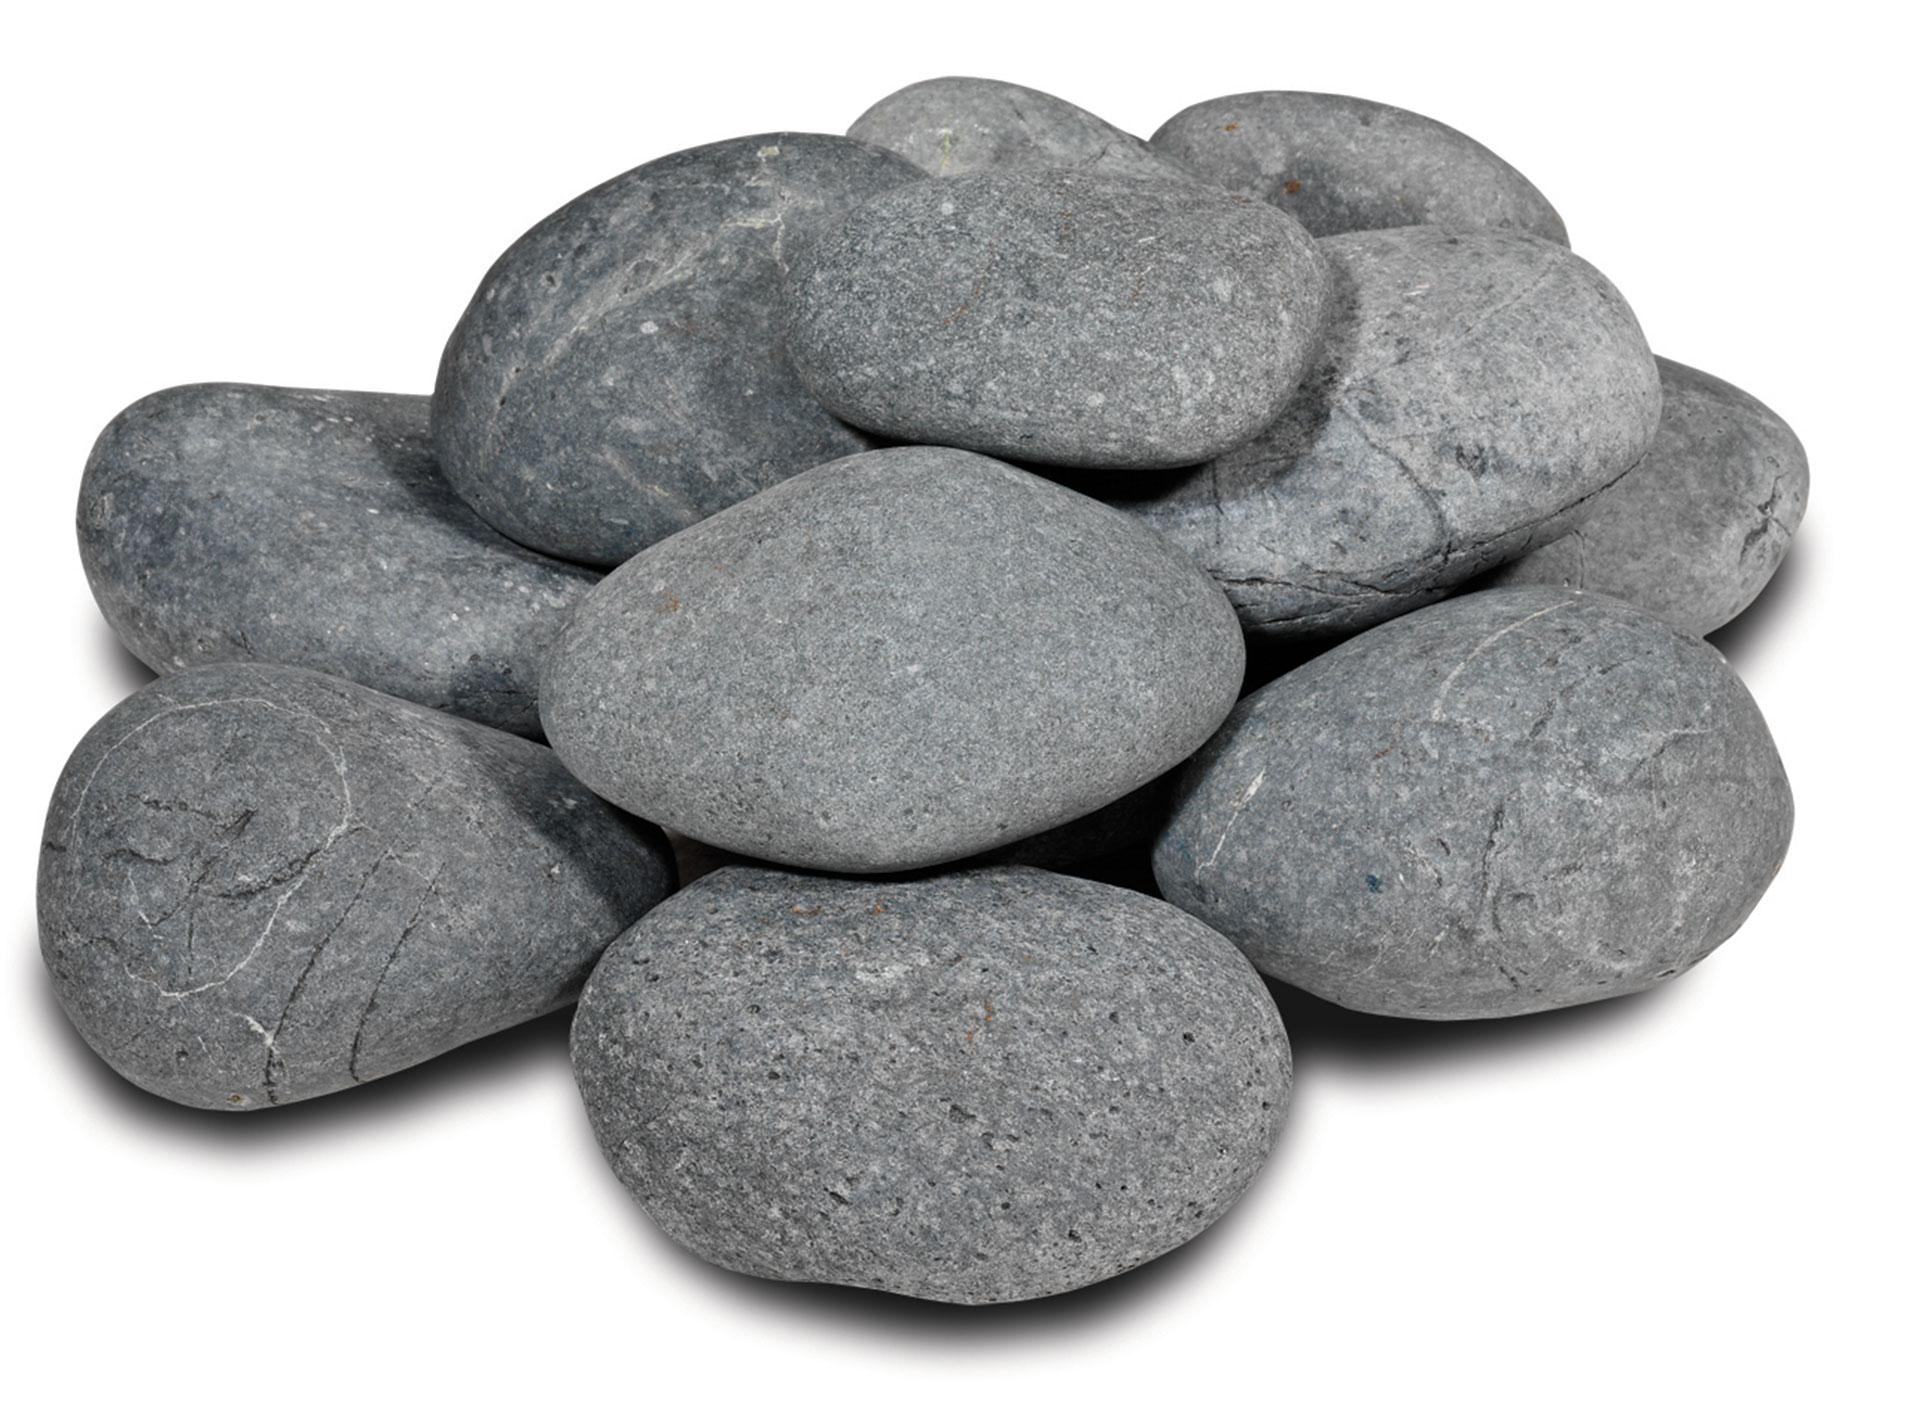 MO-B   Beach pebbles zwart 3-6 cm   20 kg